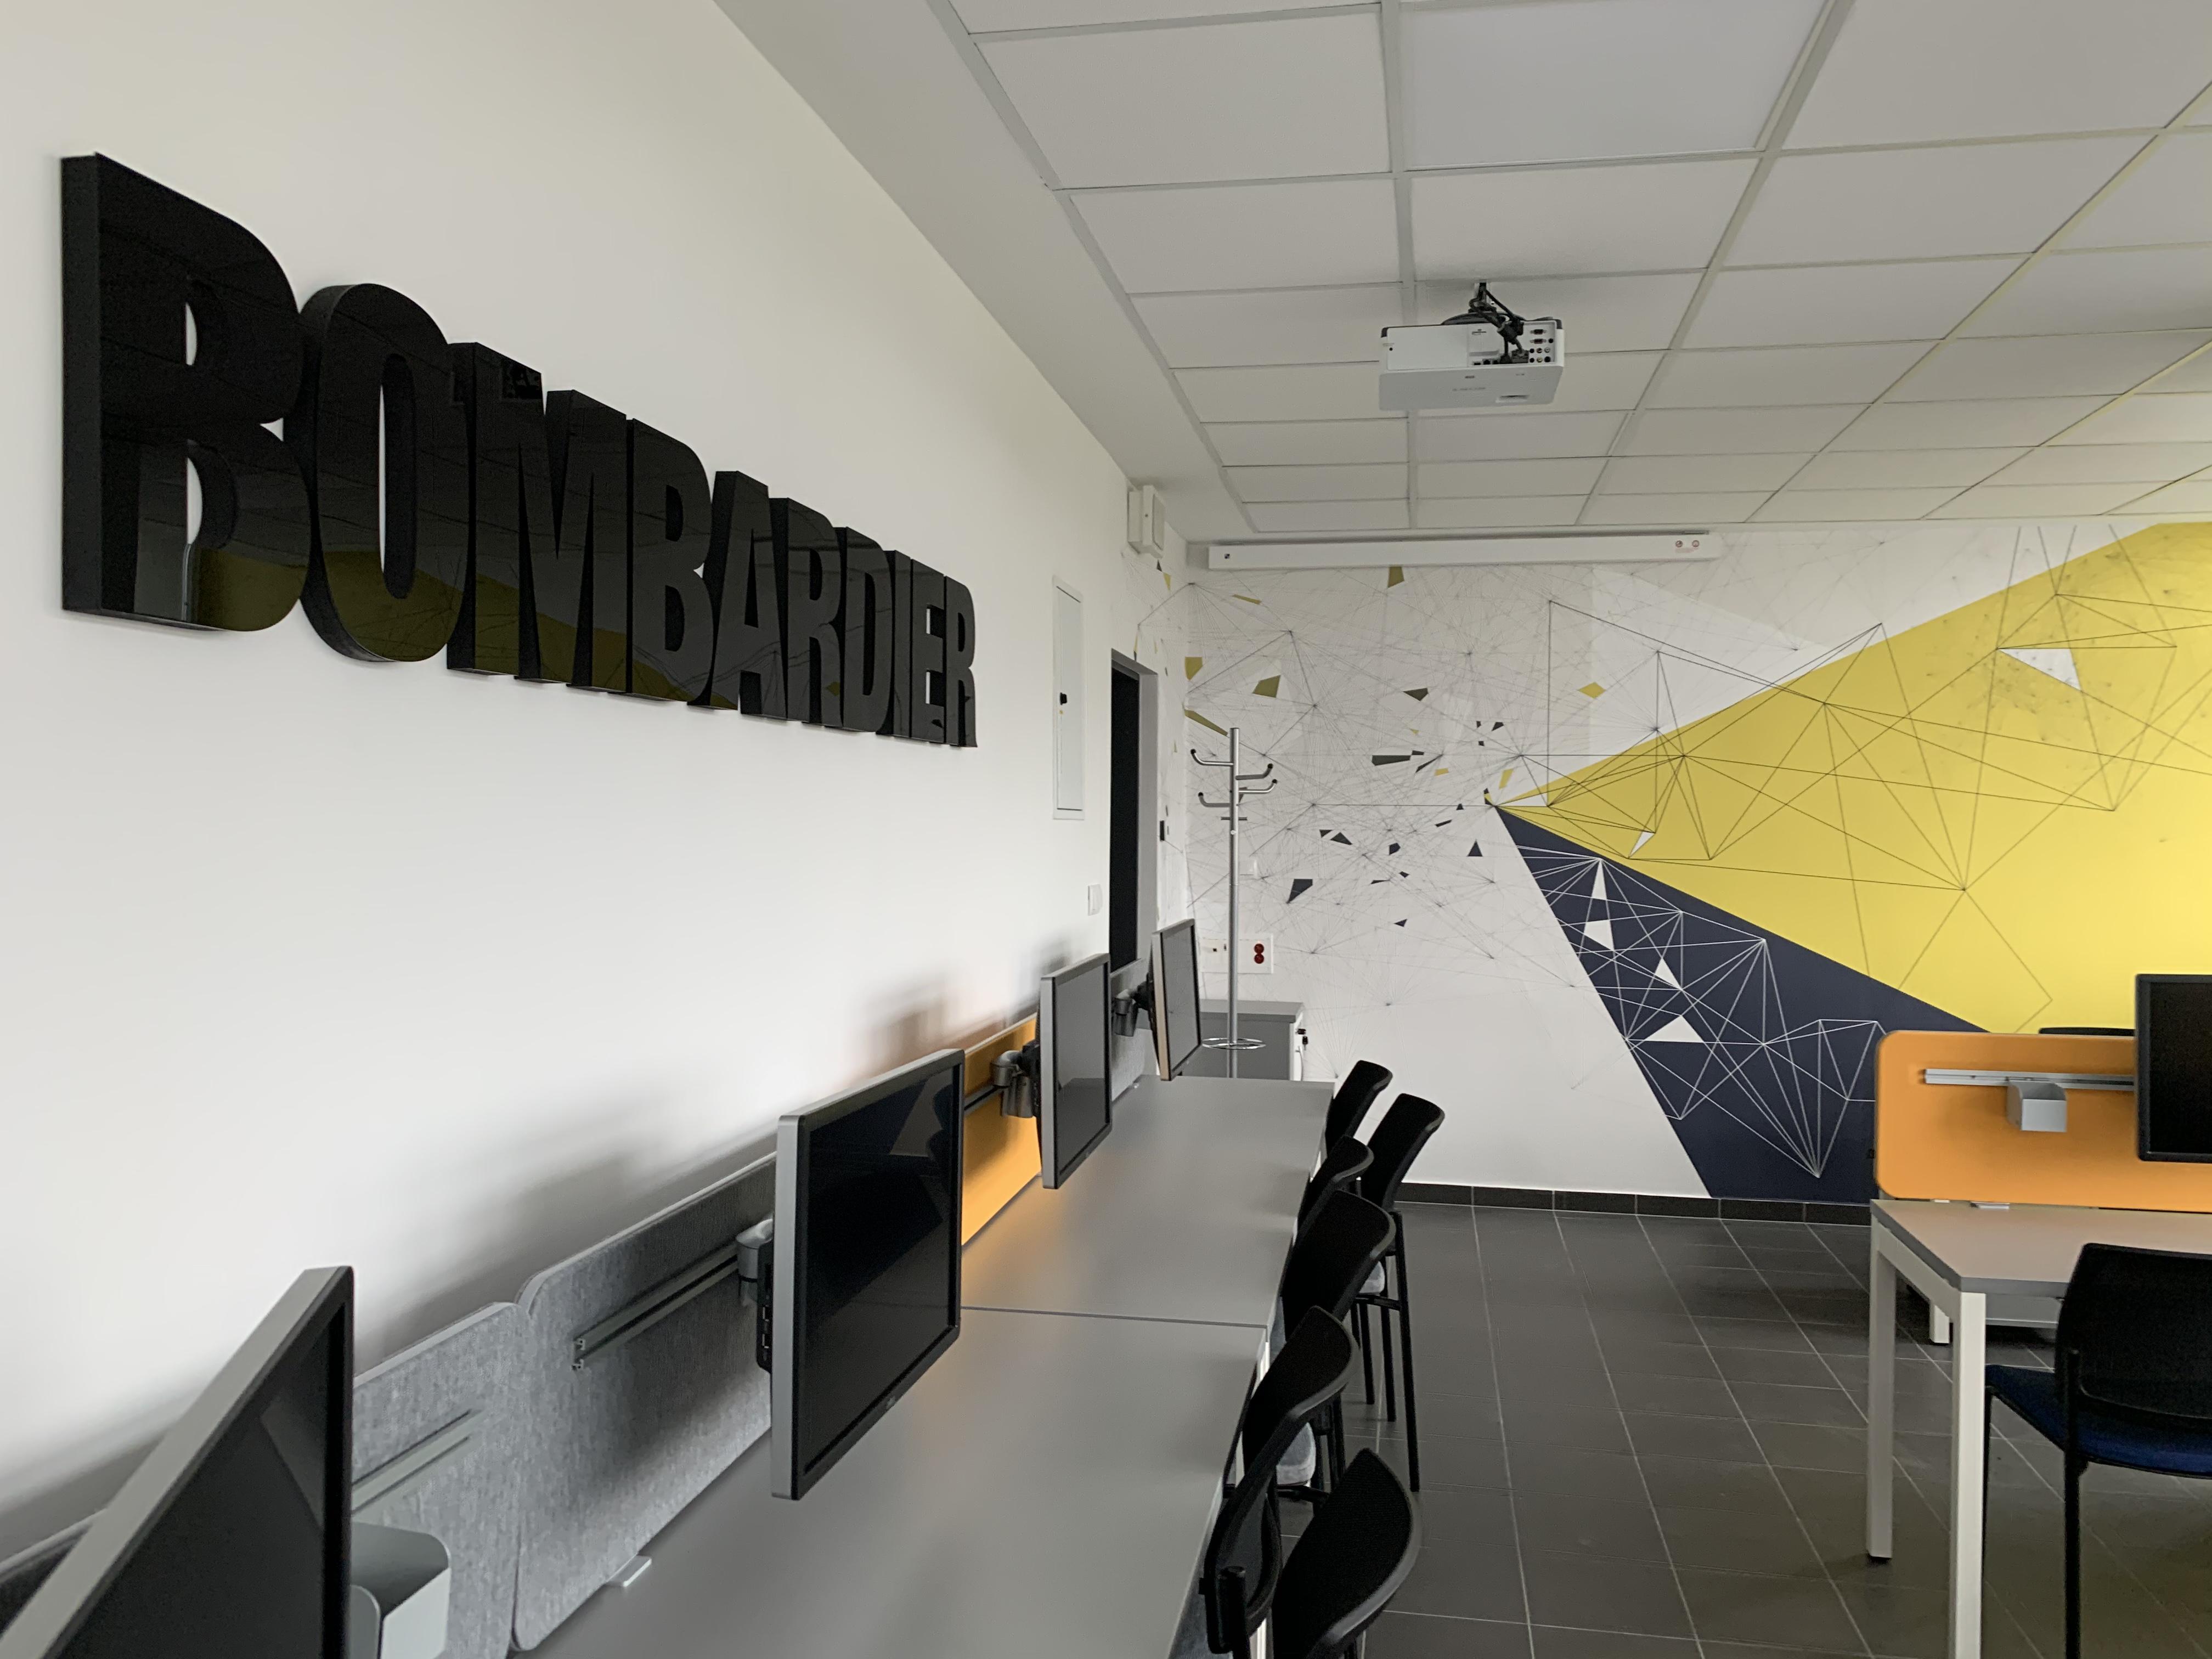 Laboratorium na Politechnice Śląskiej